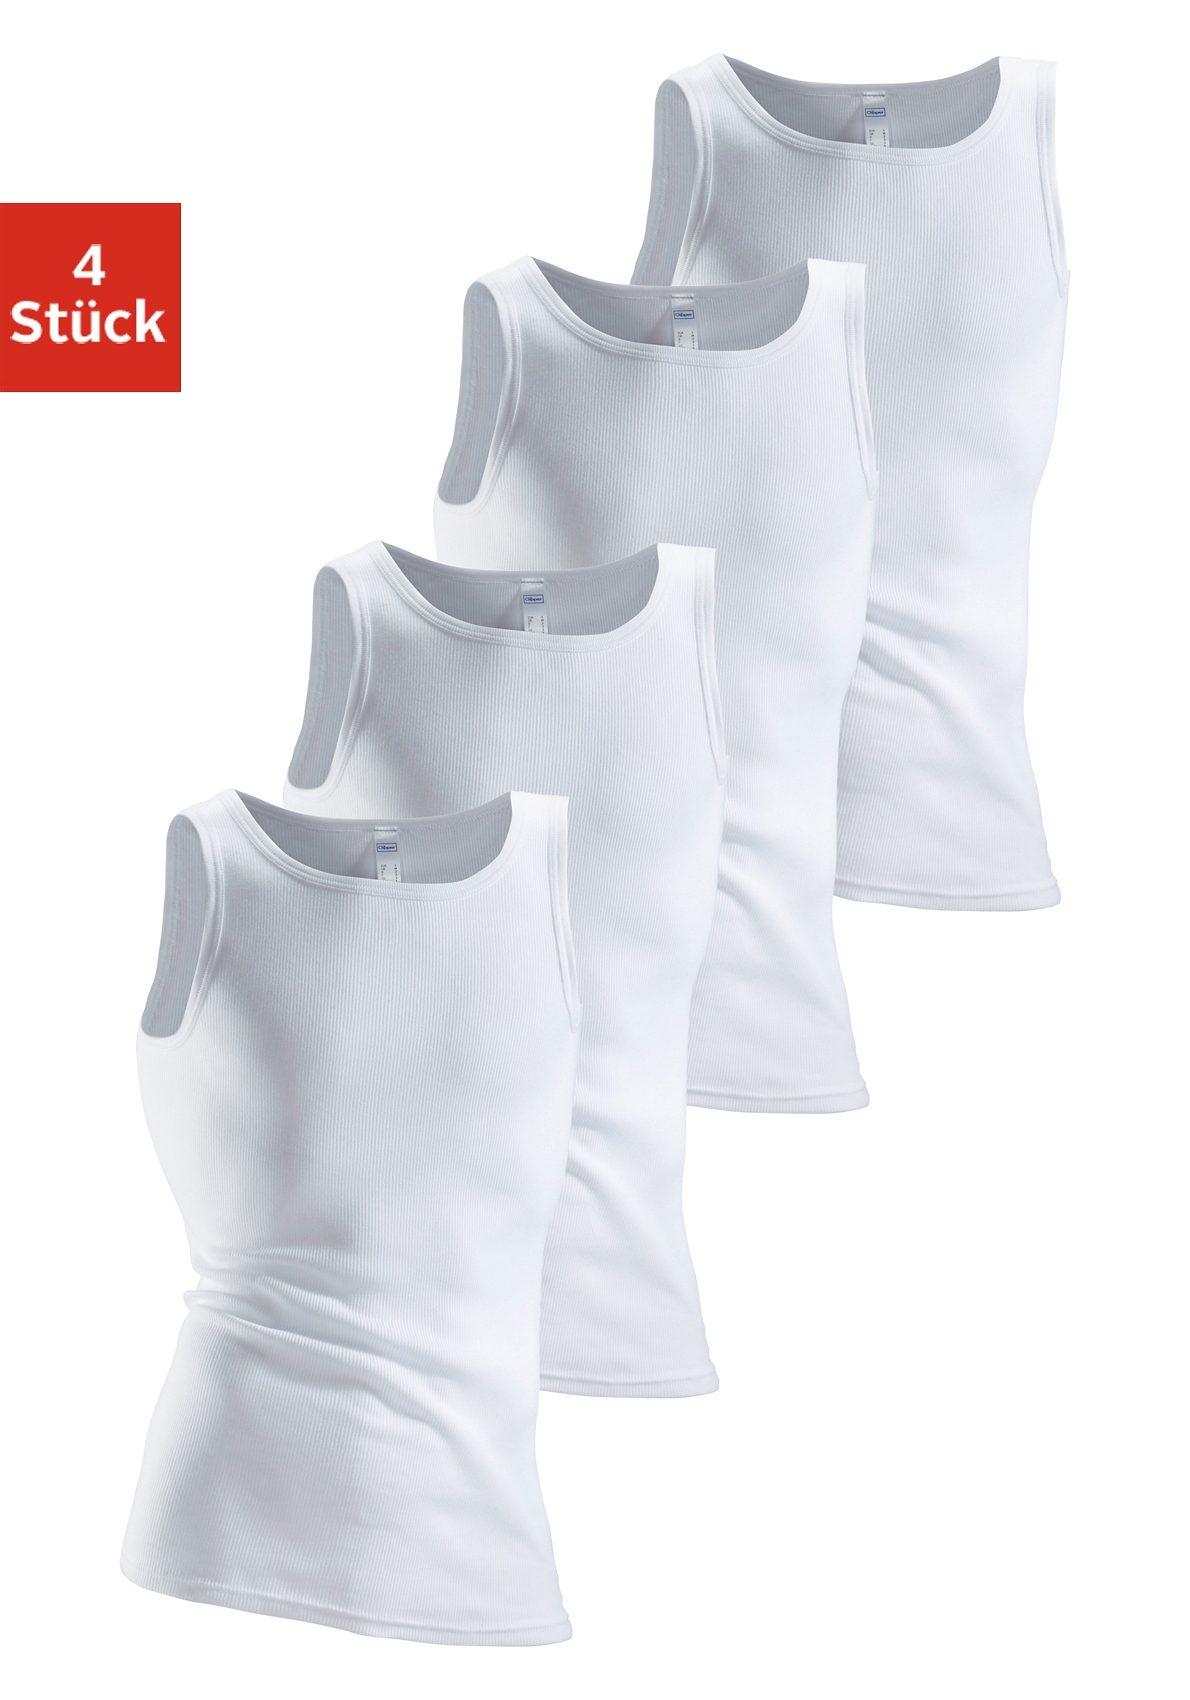 Image of Clipper Unterhemd, 4 Stück